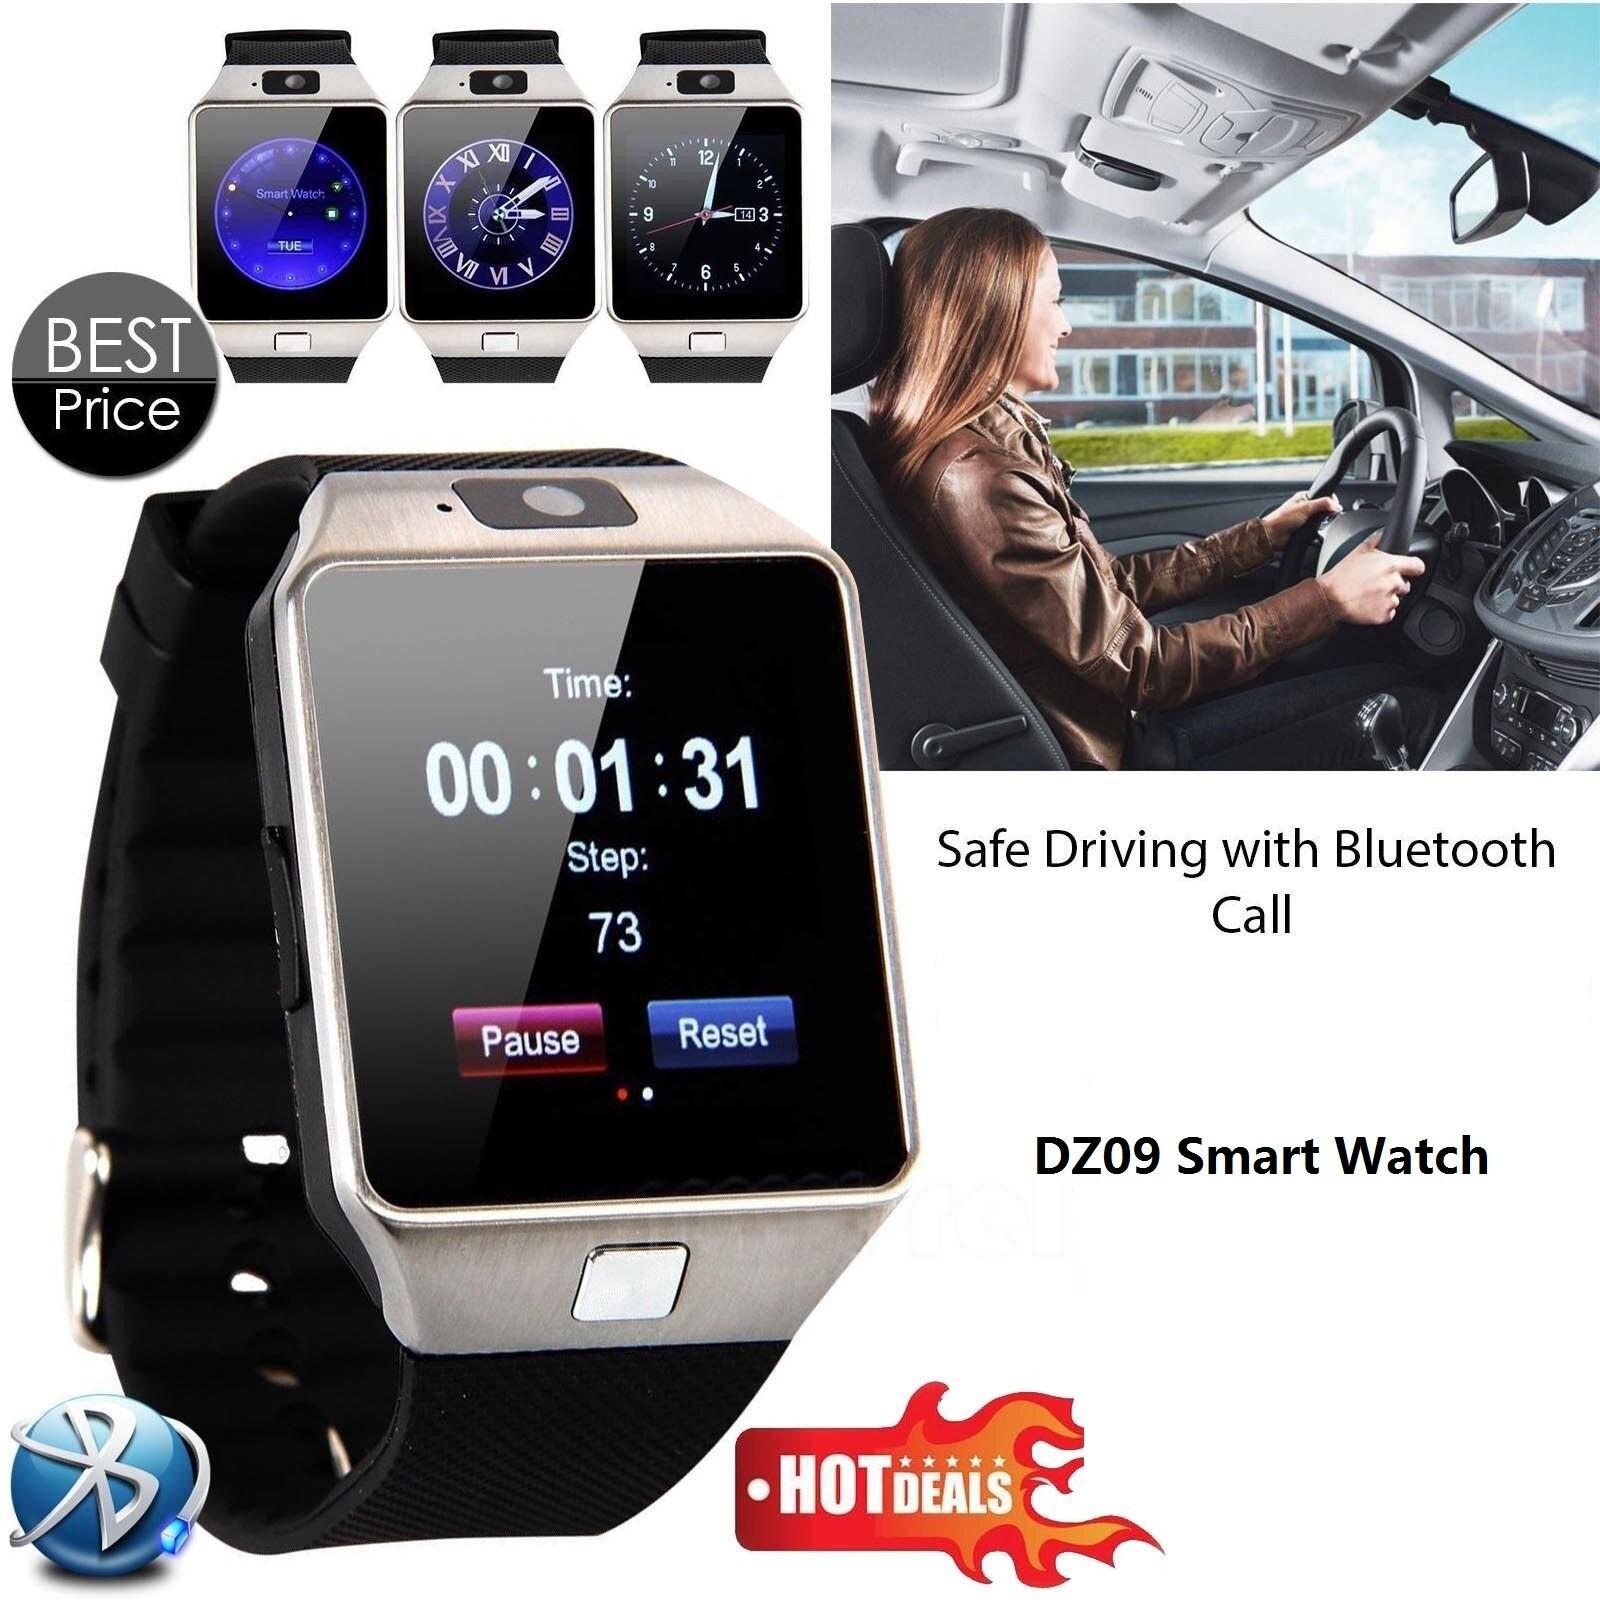 2016 Novo Cartão SIM Smartwatch dz09 Relógio Inteligente Com Câmera Do Bluetooth Relógio De Pulso Para Ios Android Telefones Suporte a idiomas Múltiplos